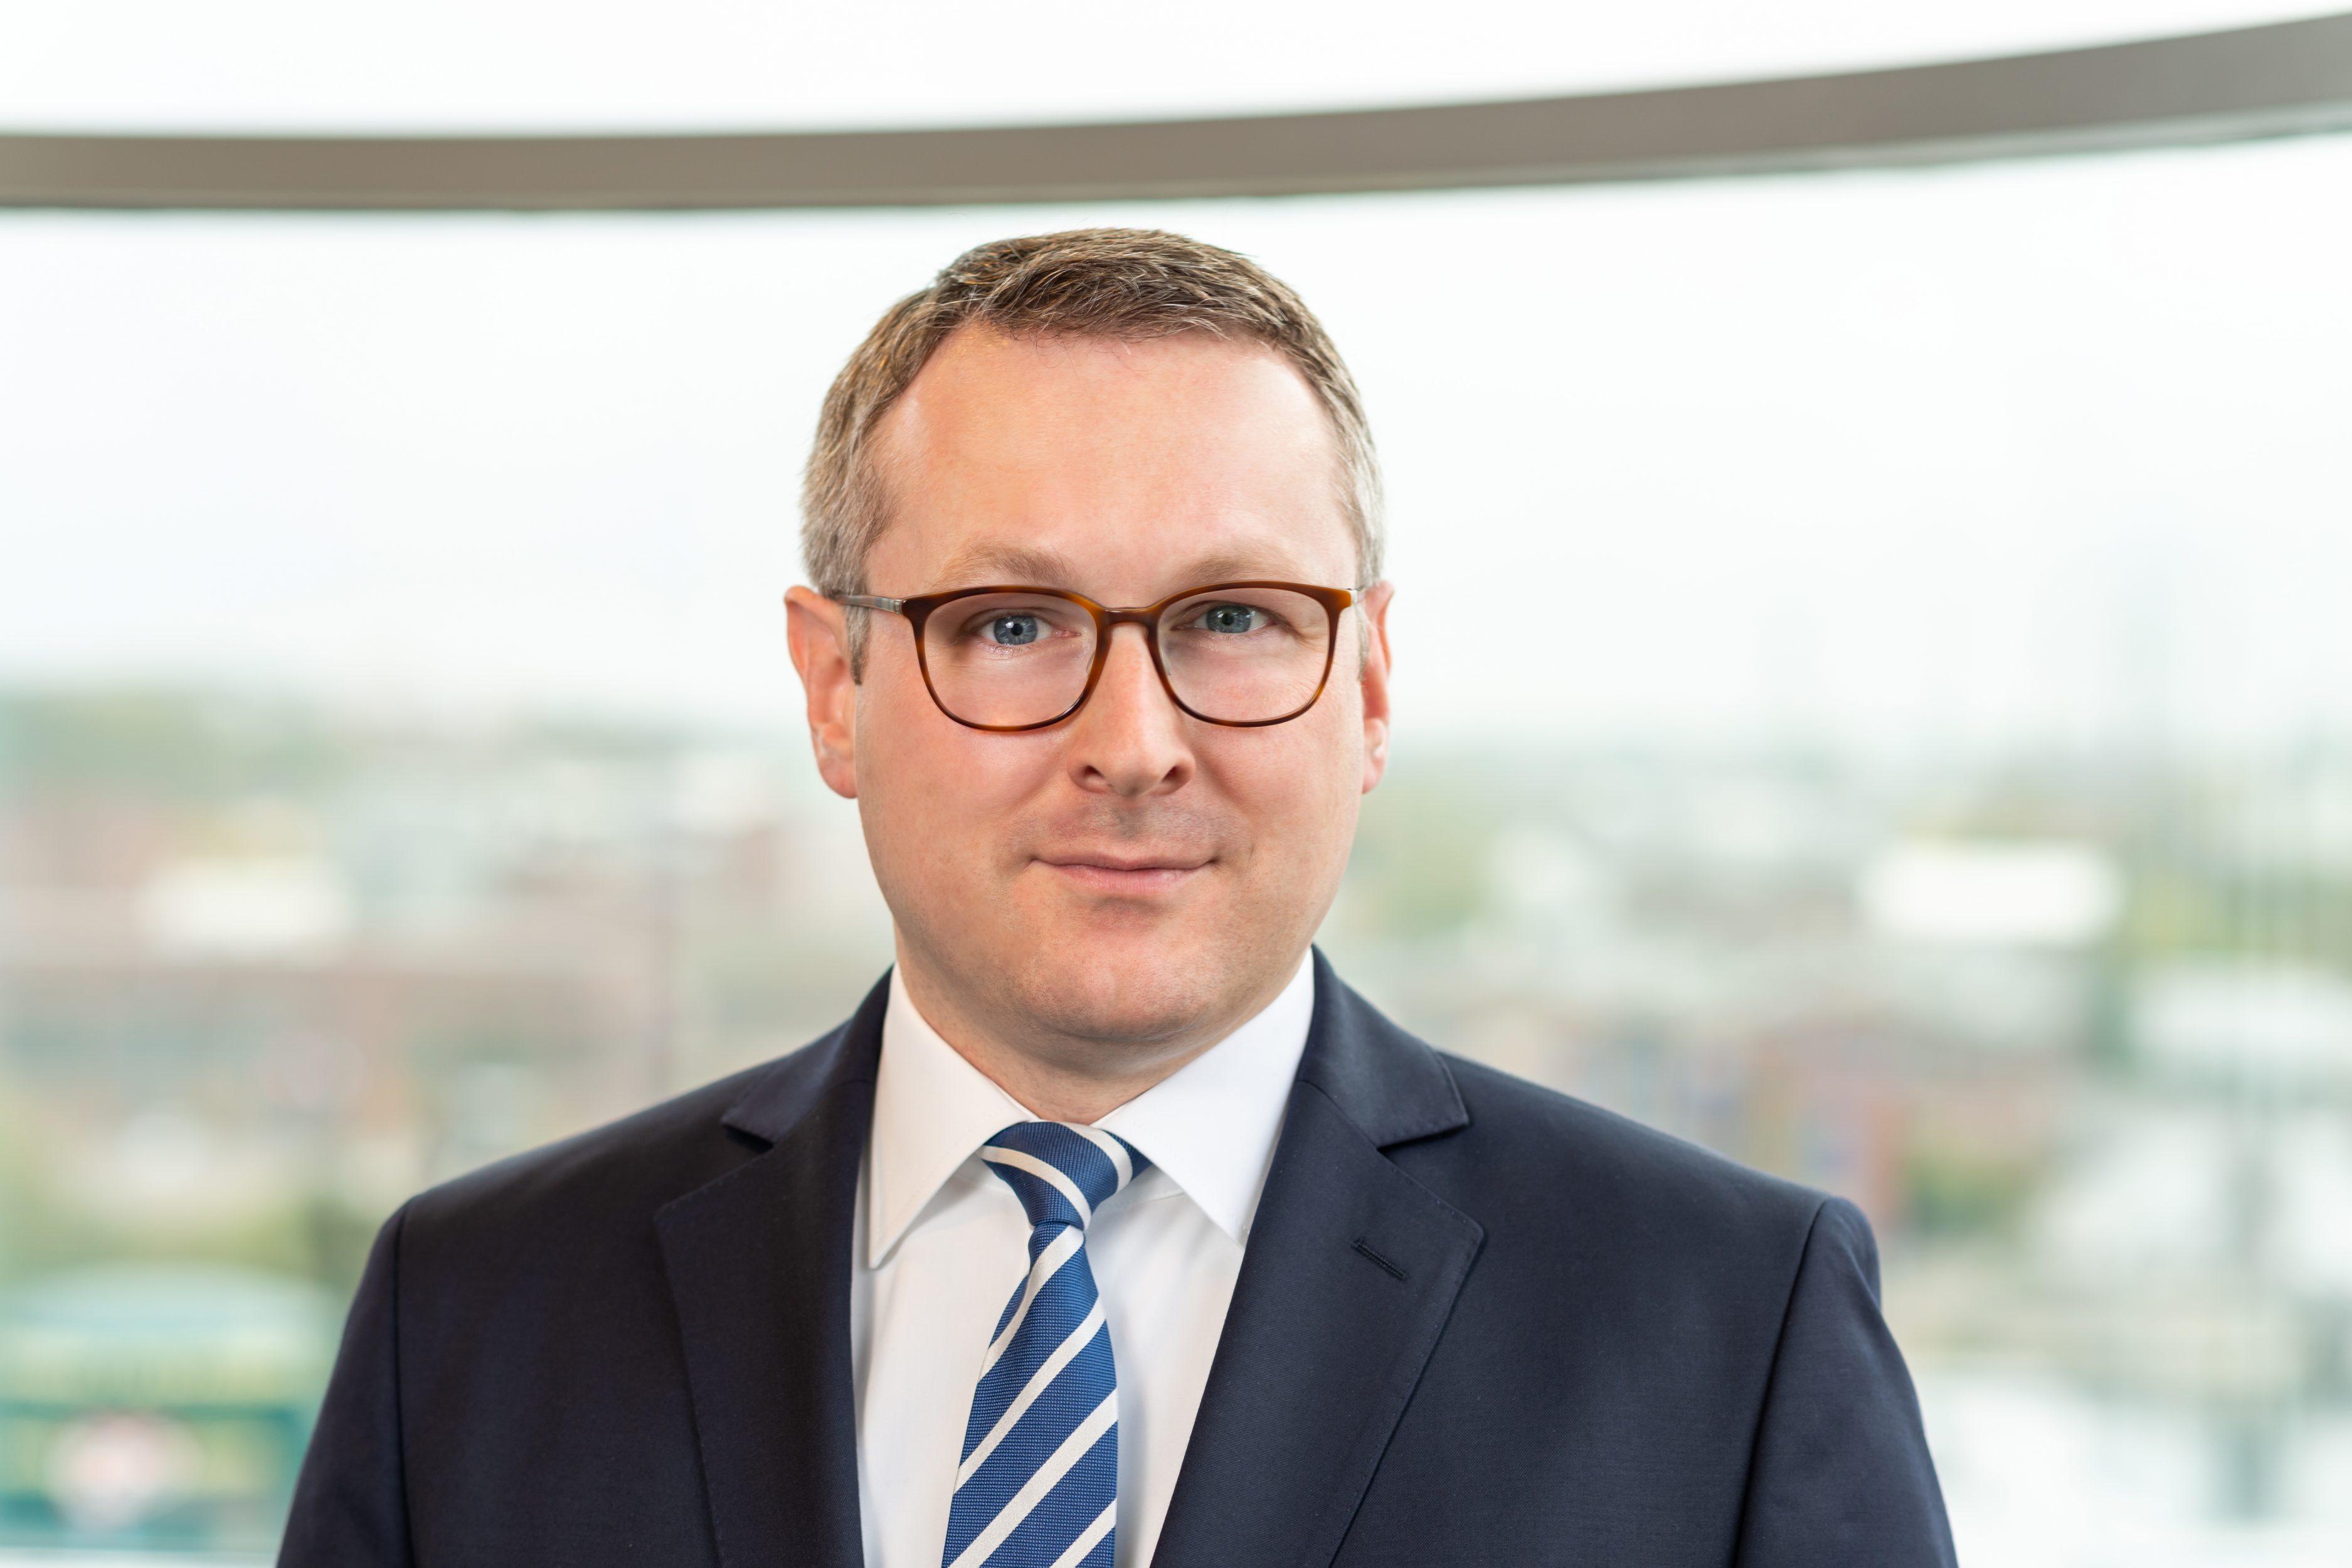 Notar Dr. Alexander Schmidt